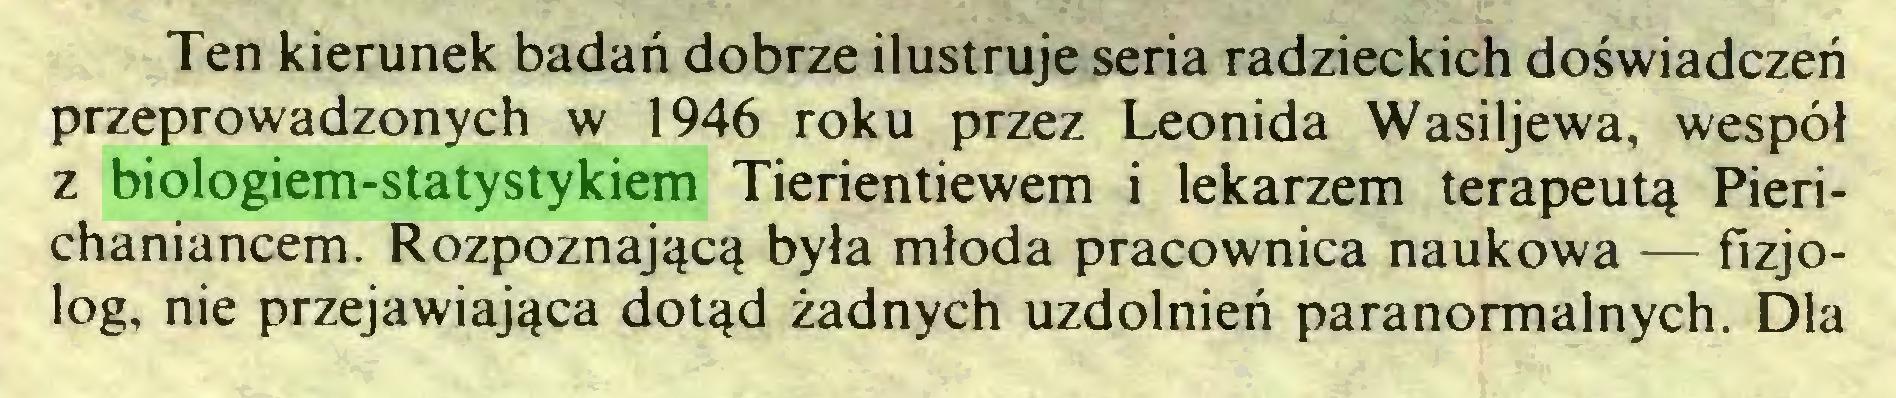 (...) Ten kierunek badań dobrze ilustruje seria radzieckich doświadczeń przeprowadzonych w 1946 roku przez Leonida Wasiljewa, wespół z biologiem-statystykiem Tierientiewem i lekarzem terapeutą Pierichaniancem. Rozpoznającą była młoda pracownica naukowa — fizjolog, nie przejawiająca dotąd żadnych uzdolnień paranormalnych. Dla...